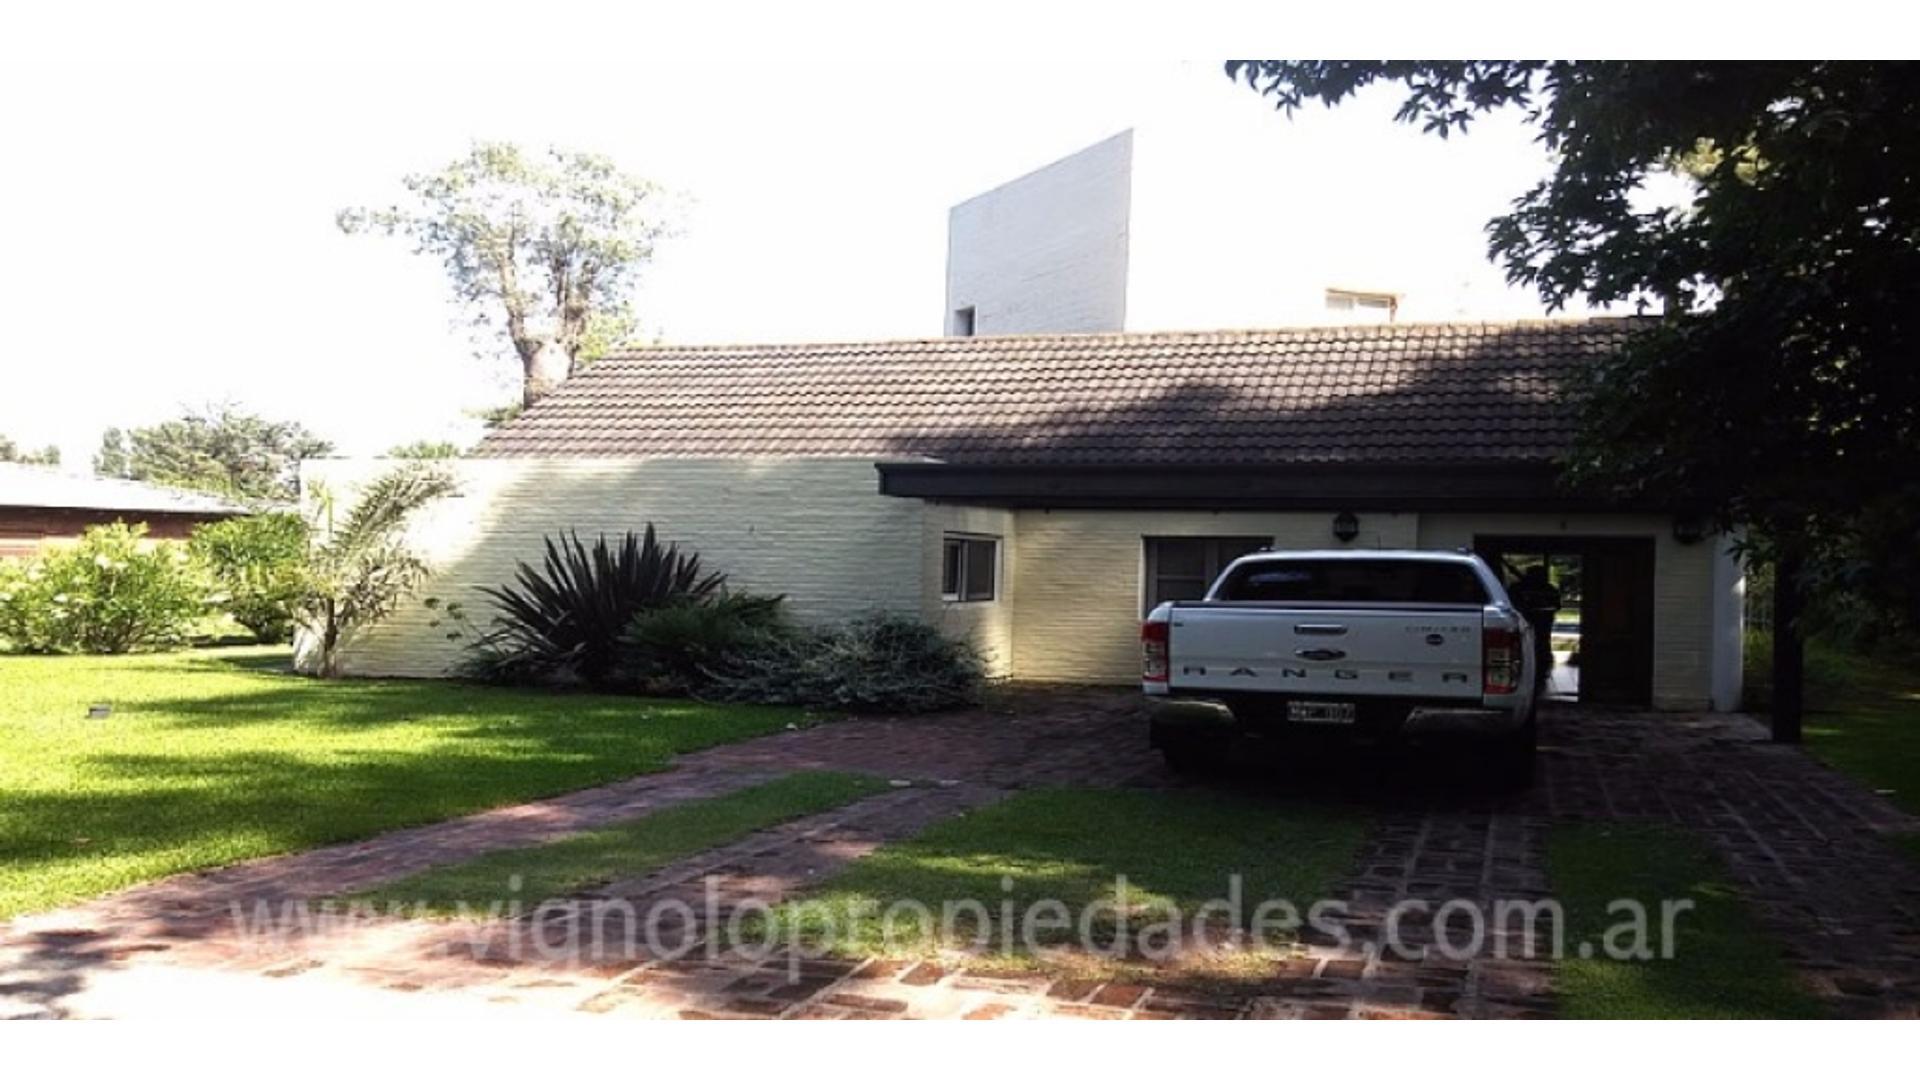 Consultar dirección - U$D 310.000 - Casa en Venta